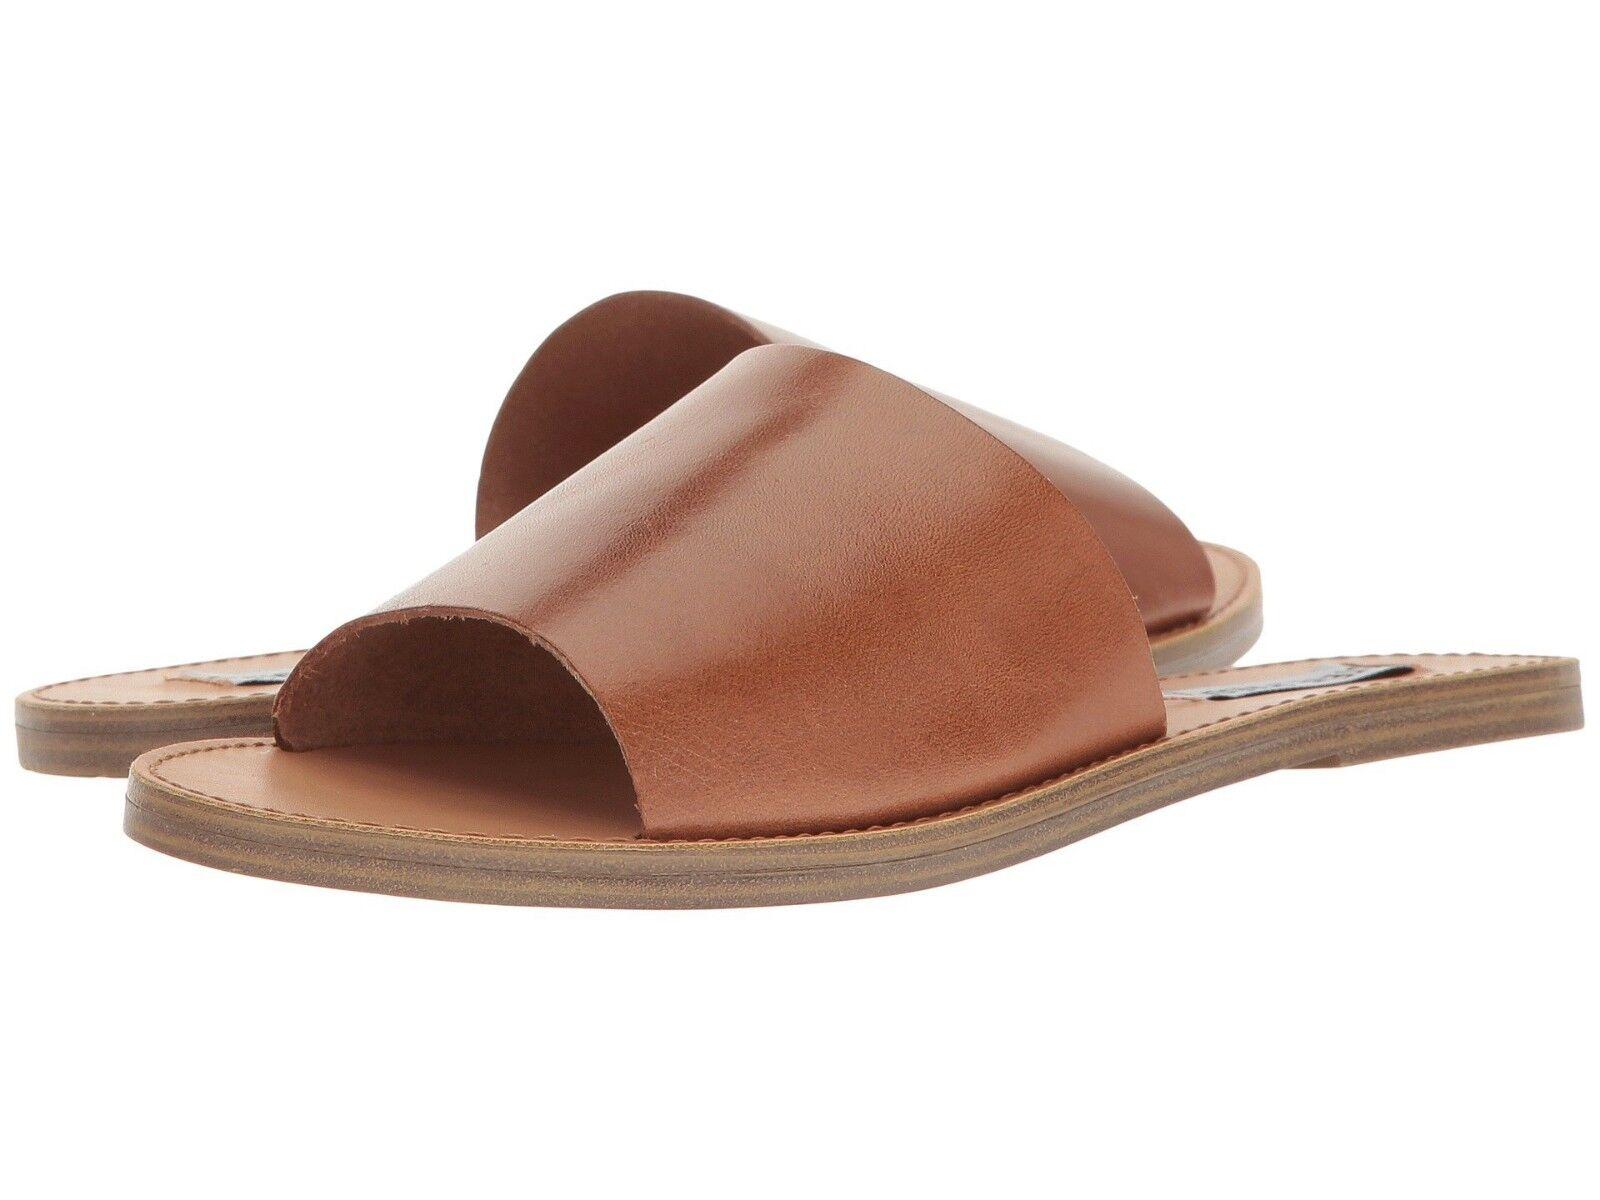 5012ea4b1f4c Steve Madden Grace Slide Sandals Cognac Pelle Size 7.5 nzgkrl2327 ...